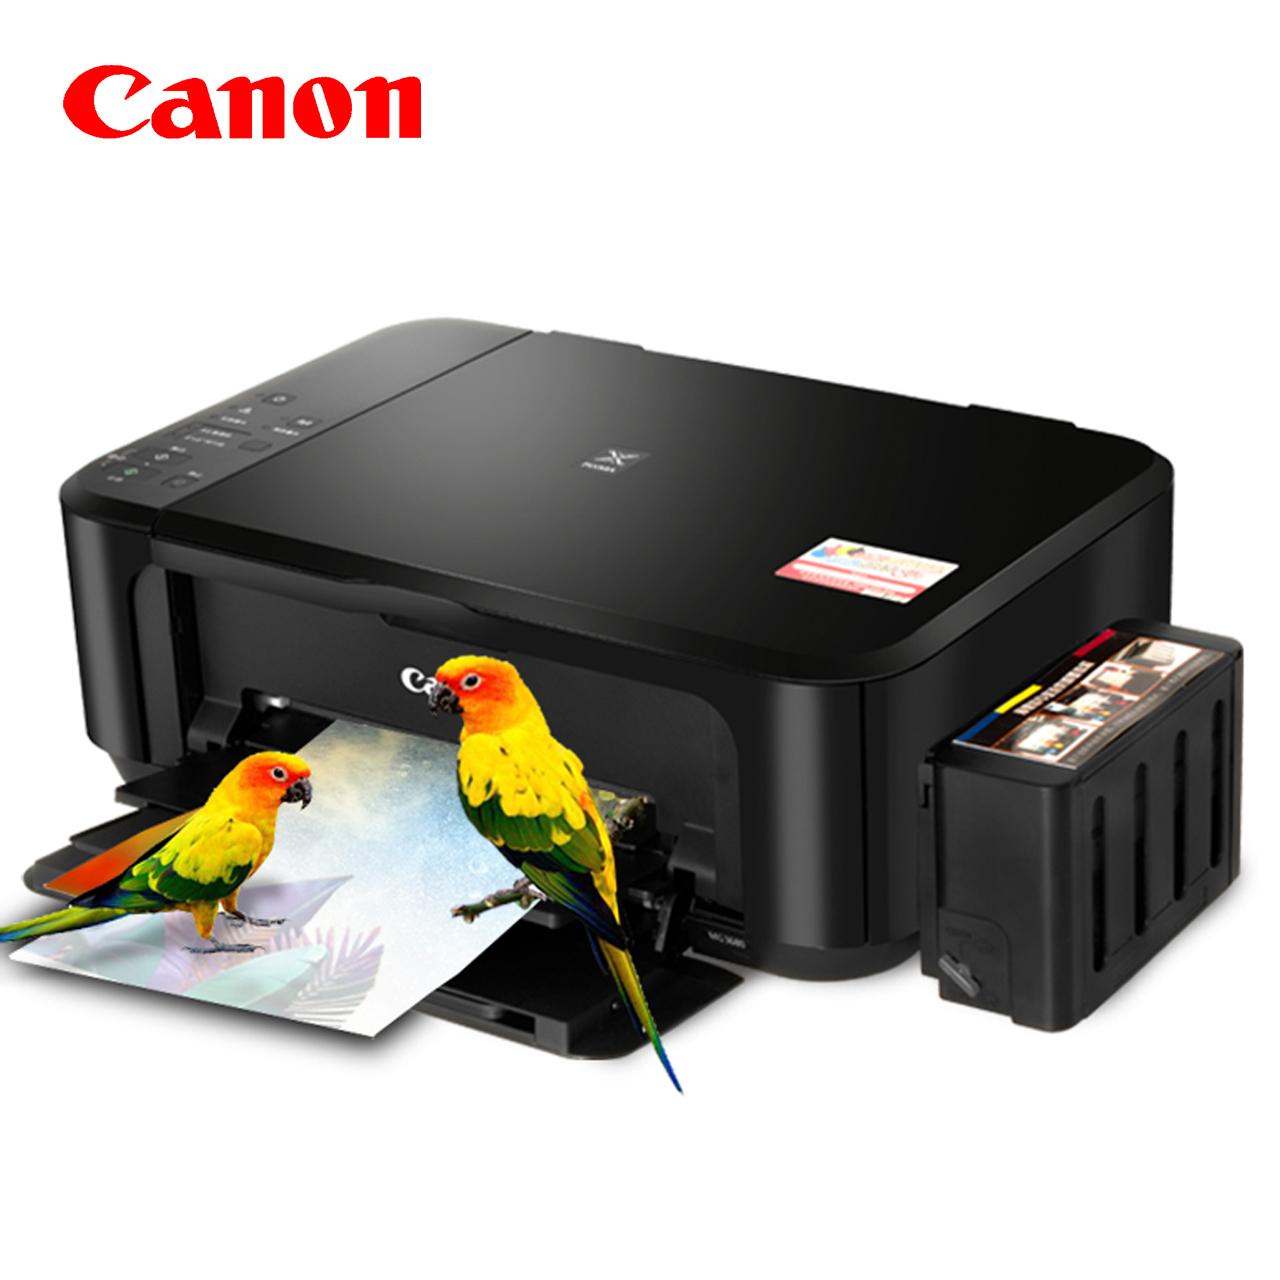 佳能mg3680喷墨多功能连供照片一体机复印机扫描机手机无线WiFi小型办公家用学生A4黑白彩色自动双面打印机